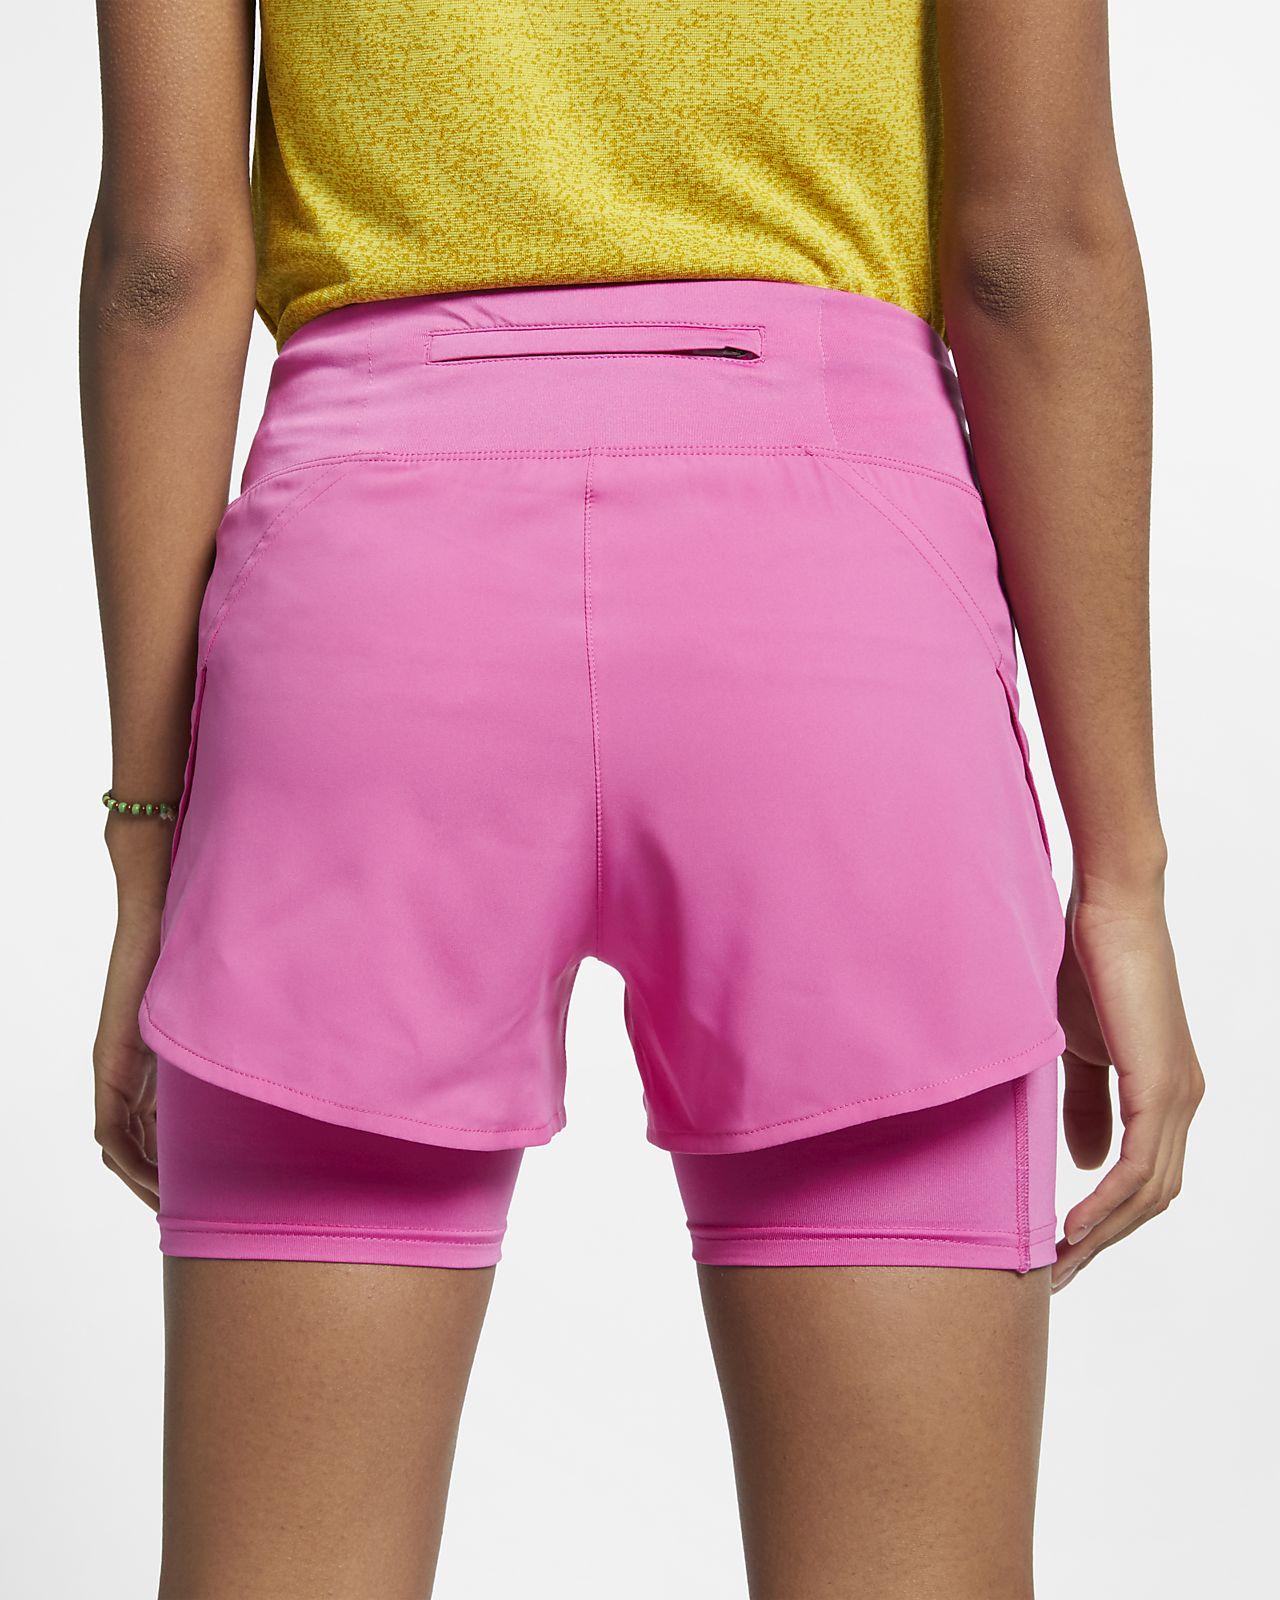 nike shorts eclipse